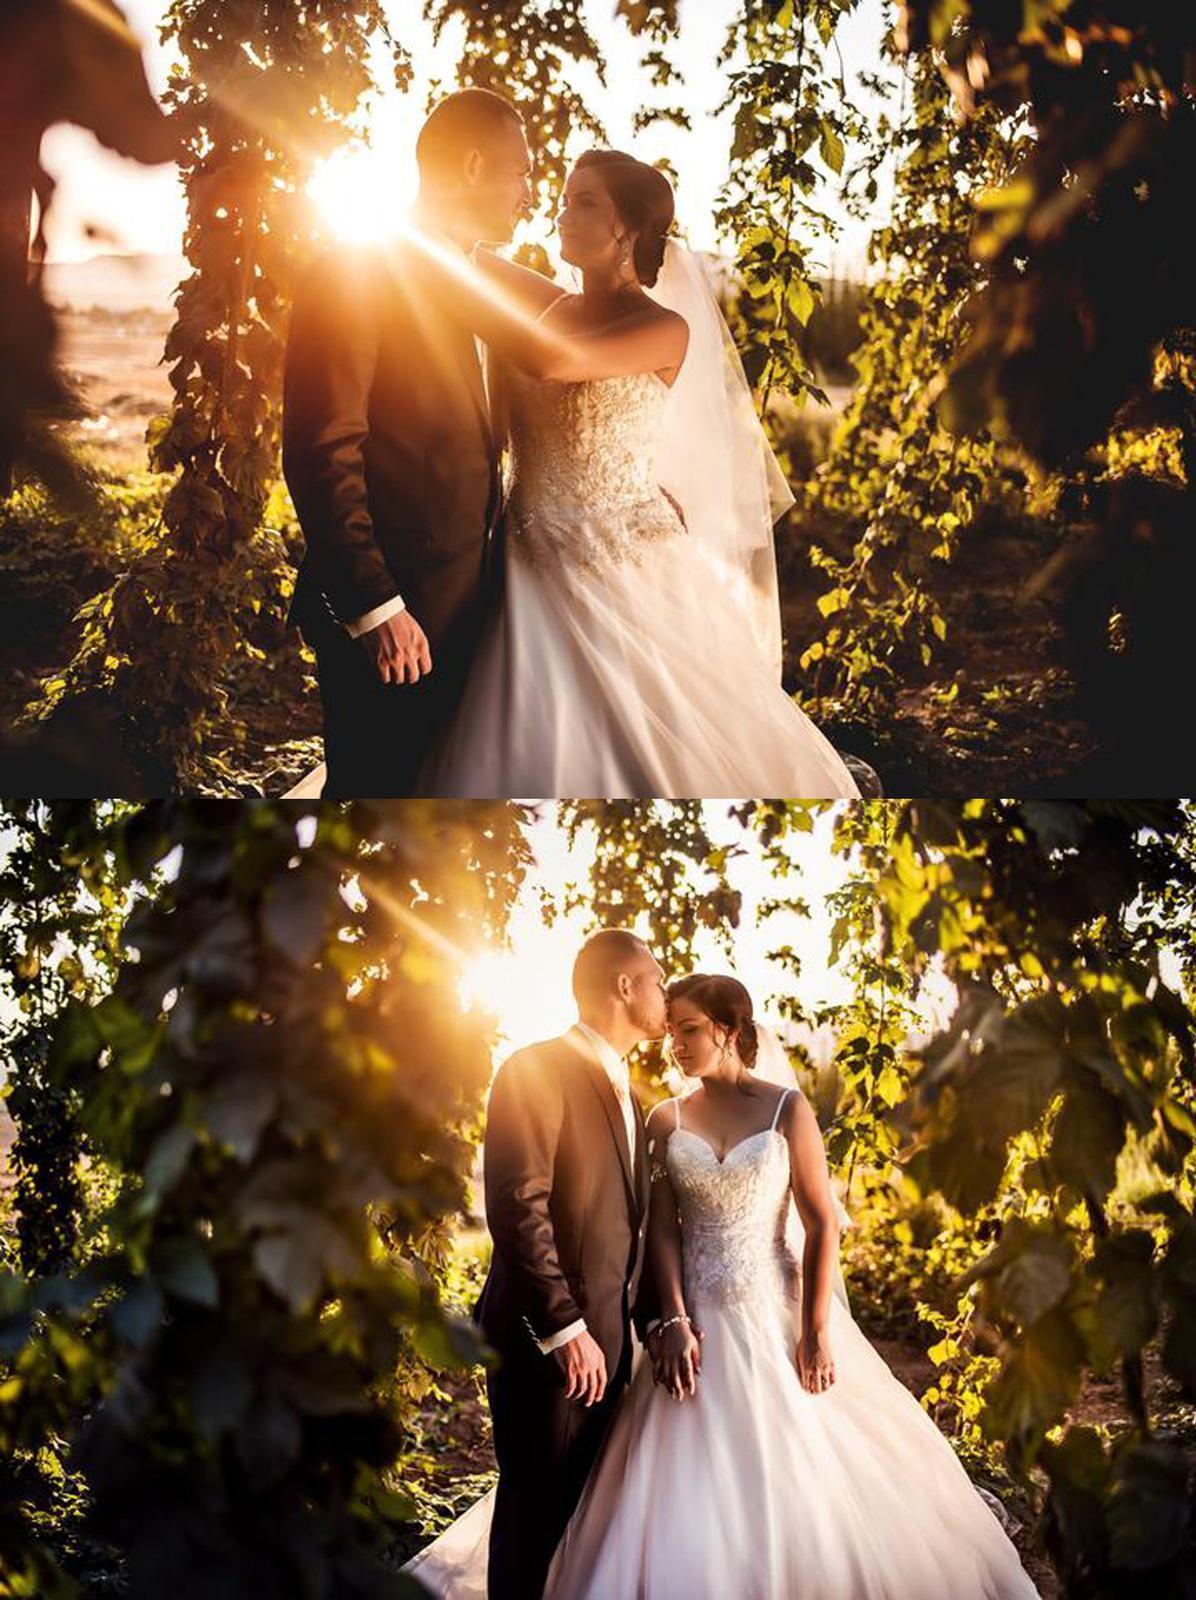 termín svadby je zatiaľ... - Obrázok č. 1